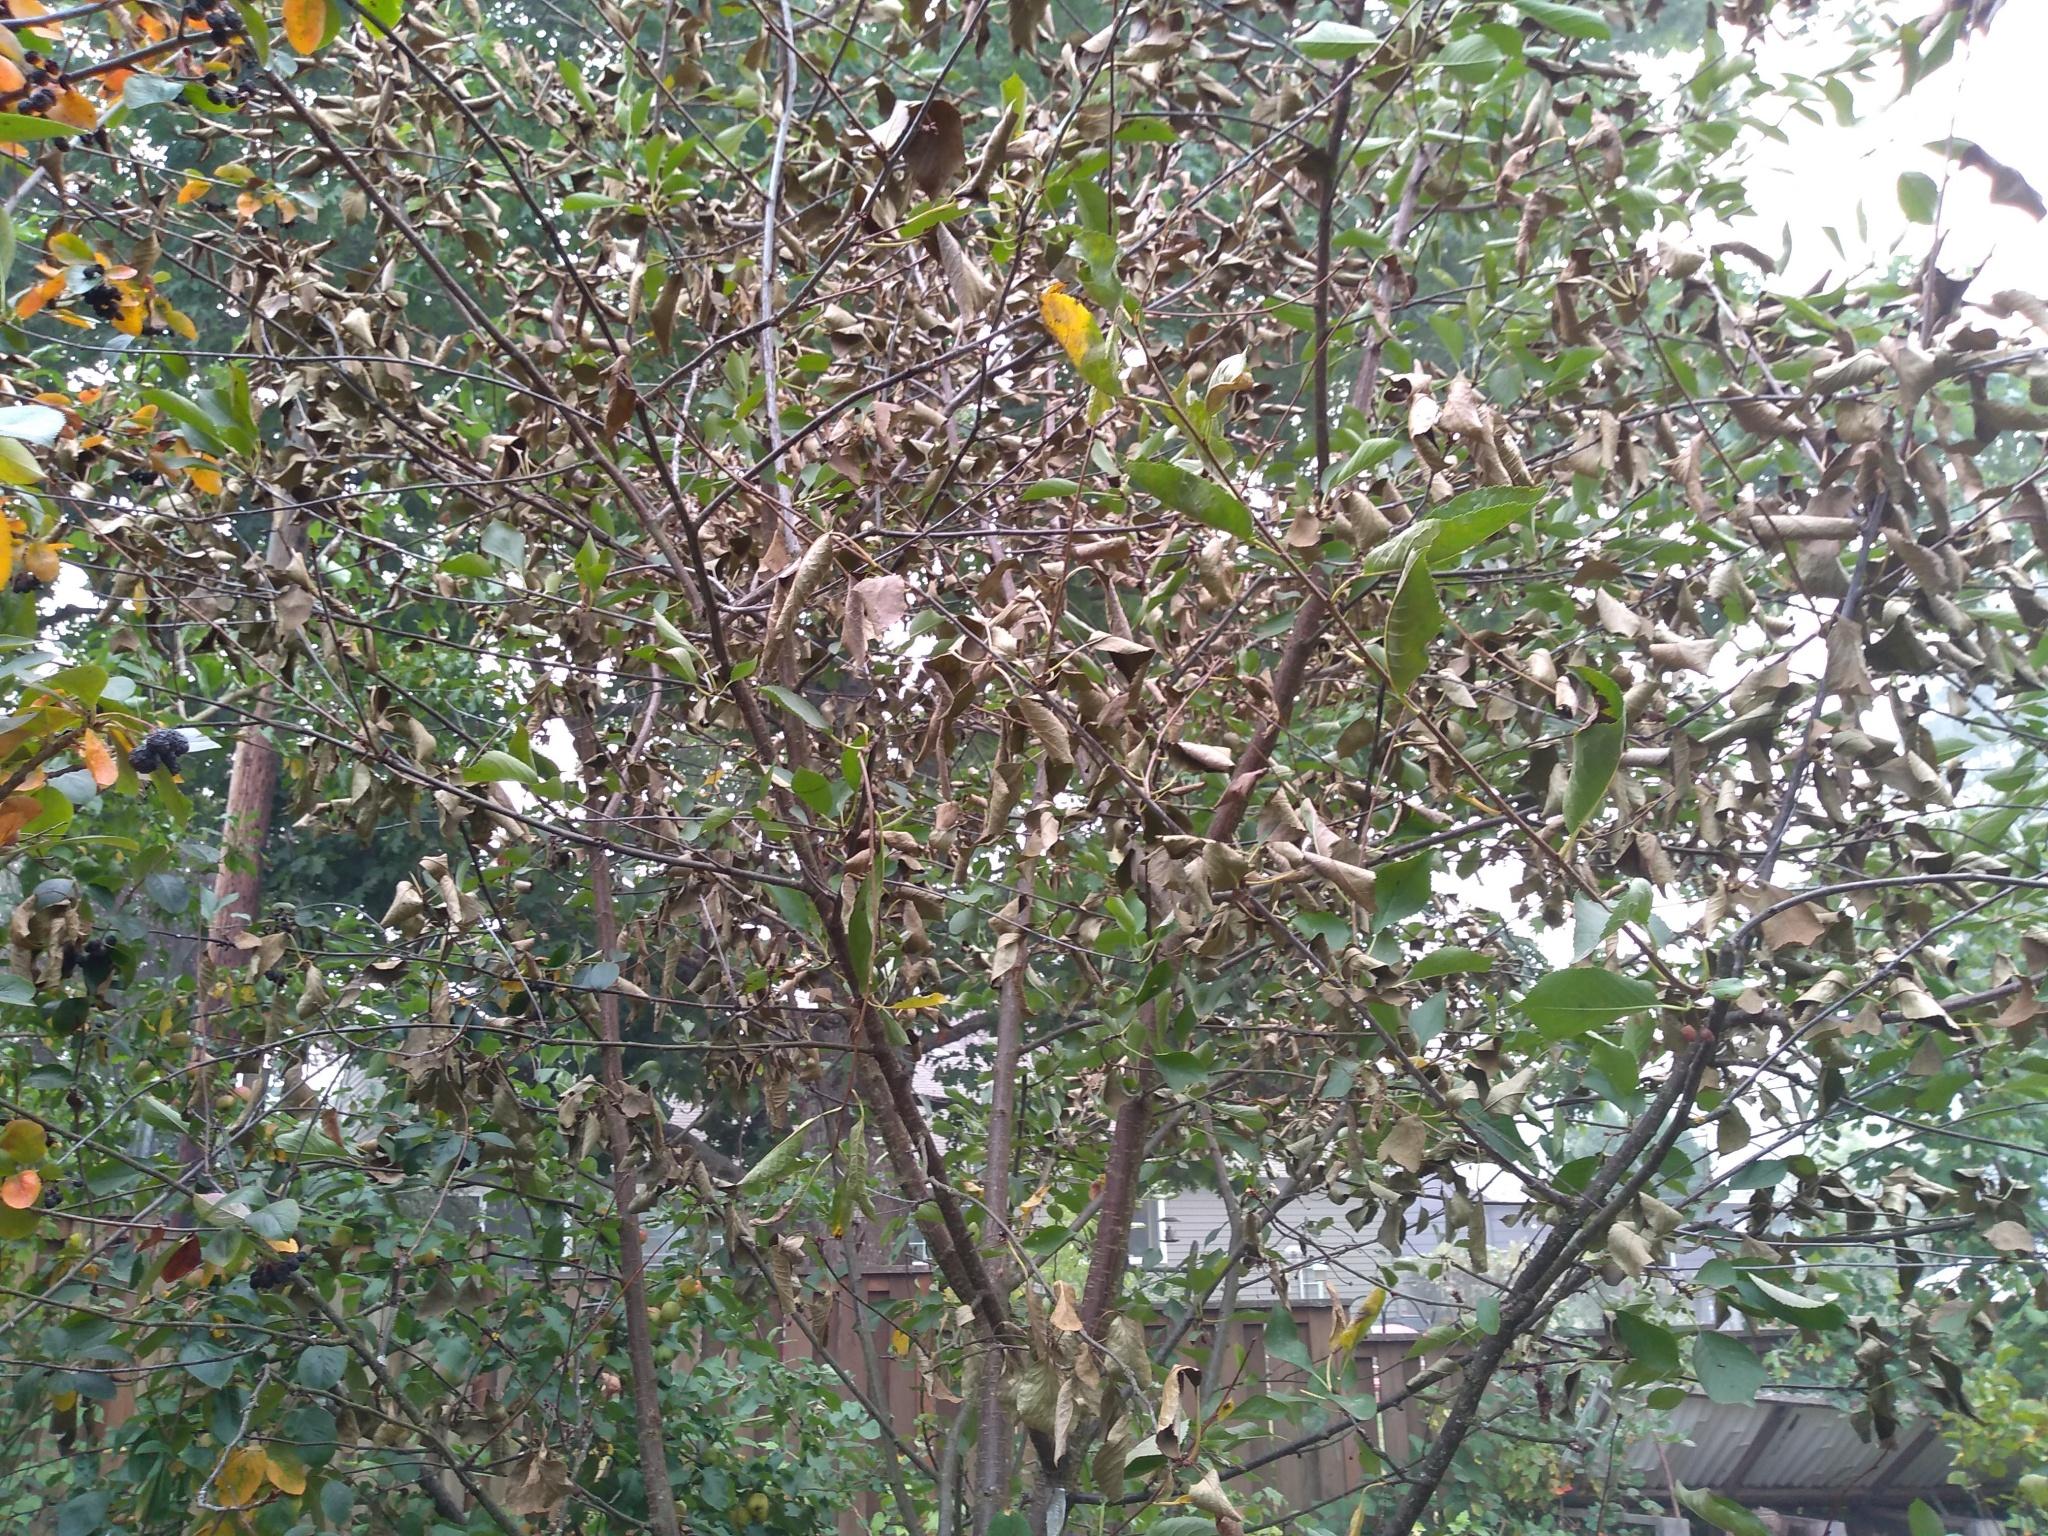 Disease-on-Mont-cherry-leaves.jpg